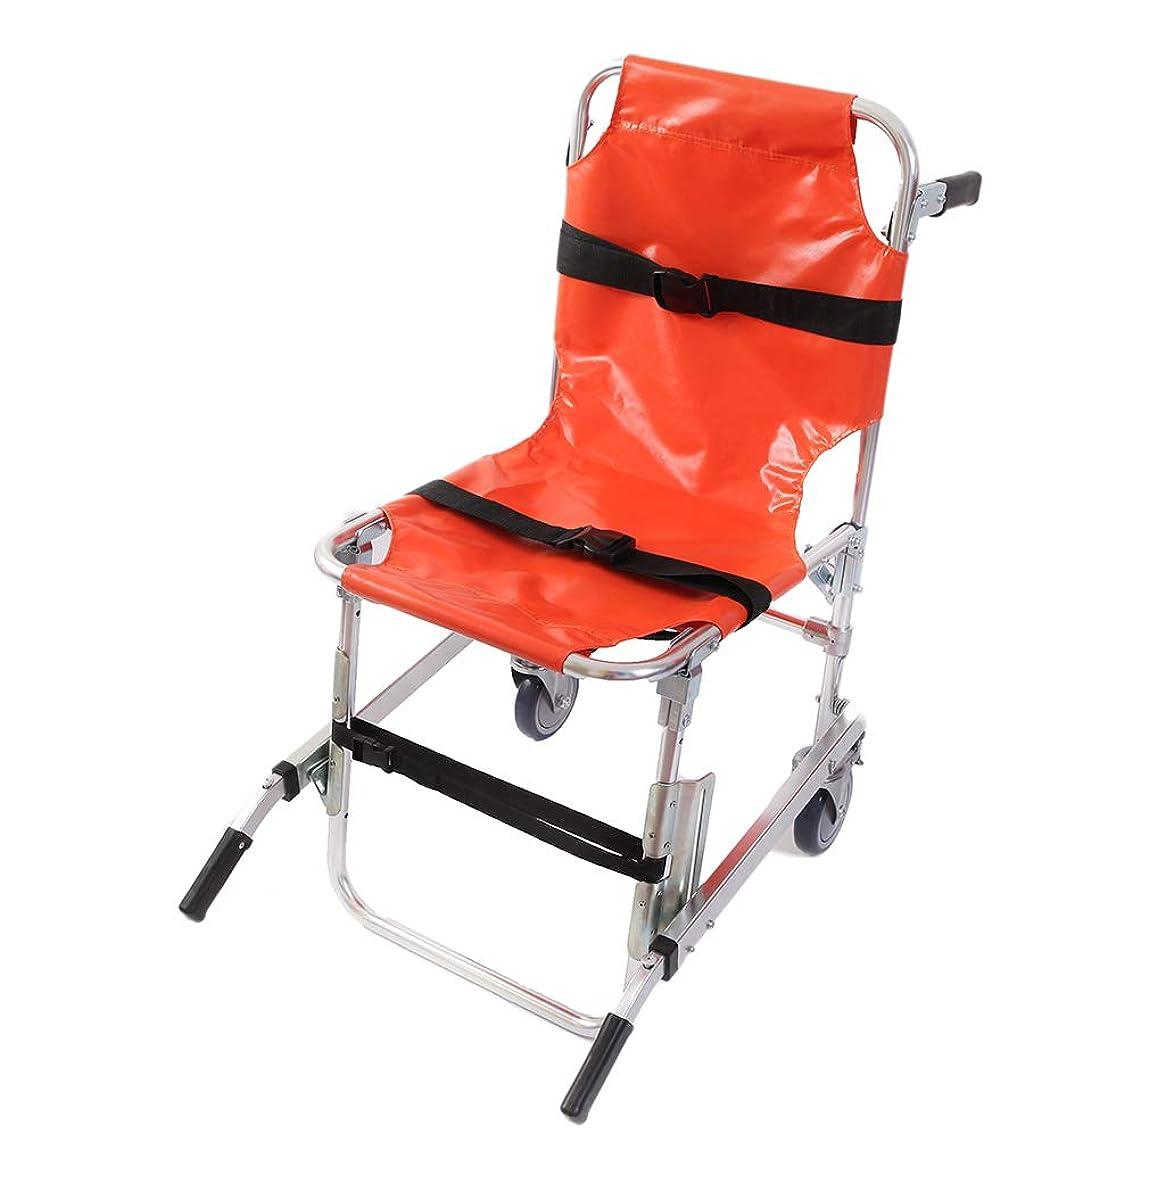 減る汚染する八百屋さんEMS階段椅子、アルミニウムの軽量2クイックリリースバックル付きリフト付き医療輸送椅子